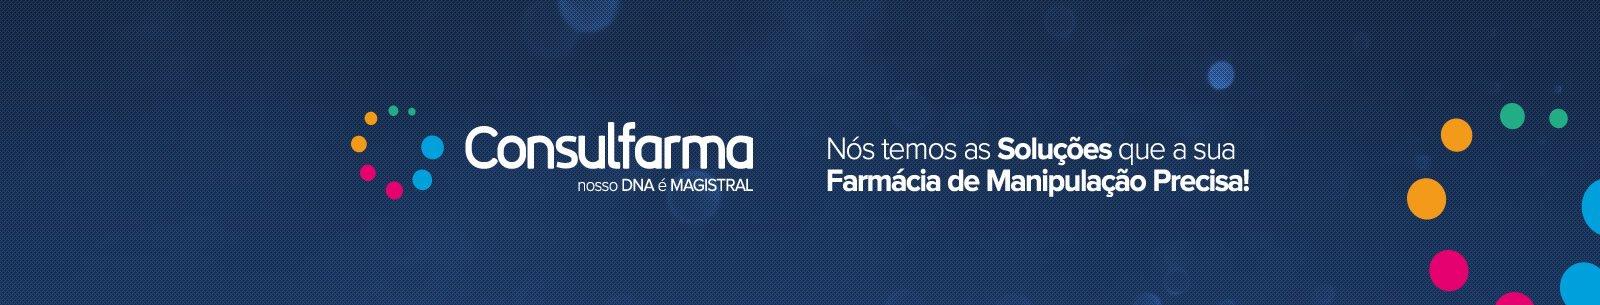 Ilex paraguariensis no Tratamento da Obesidade